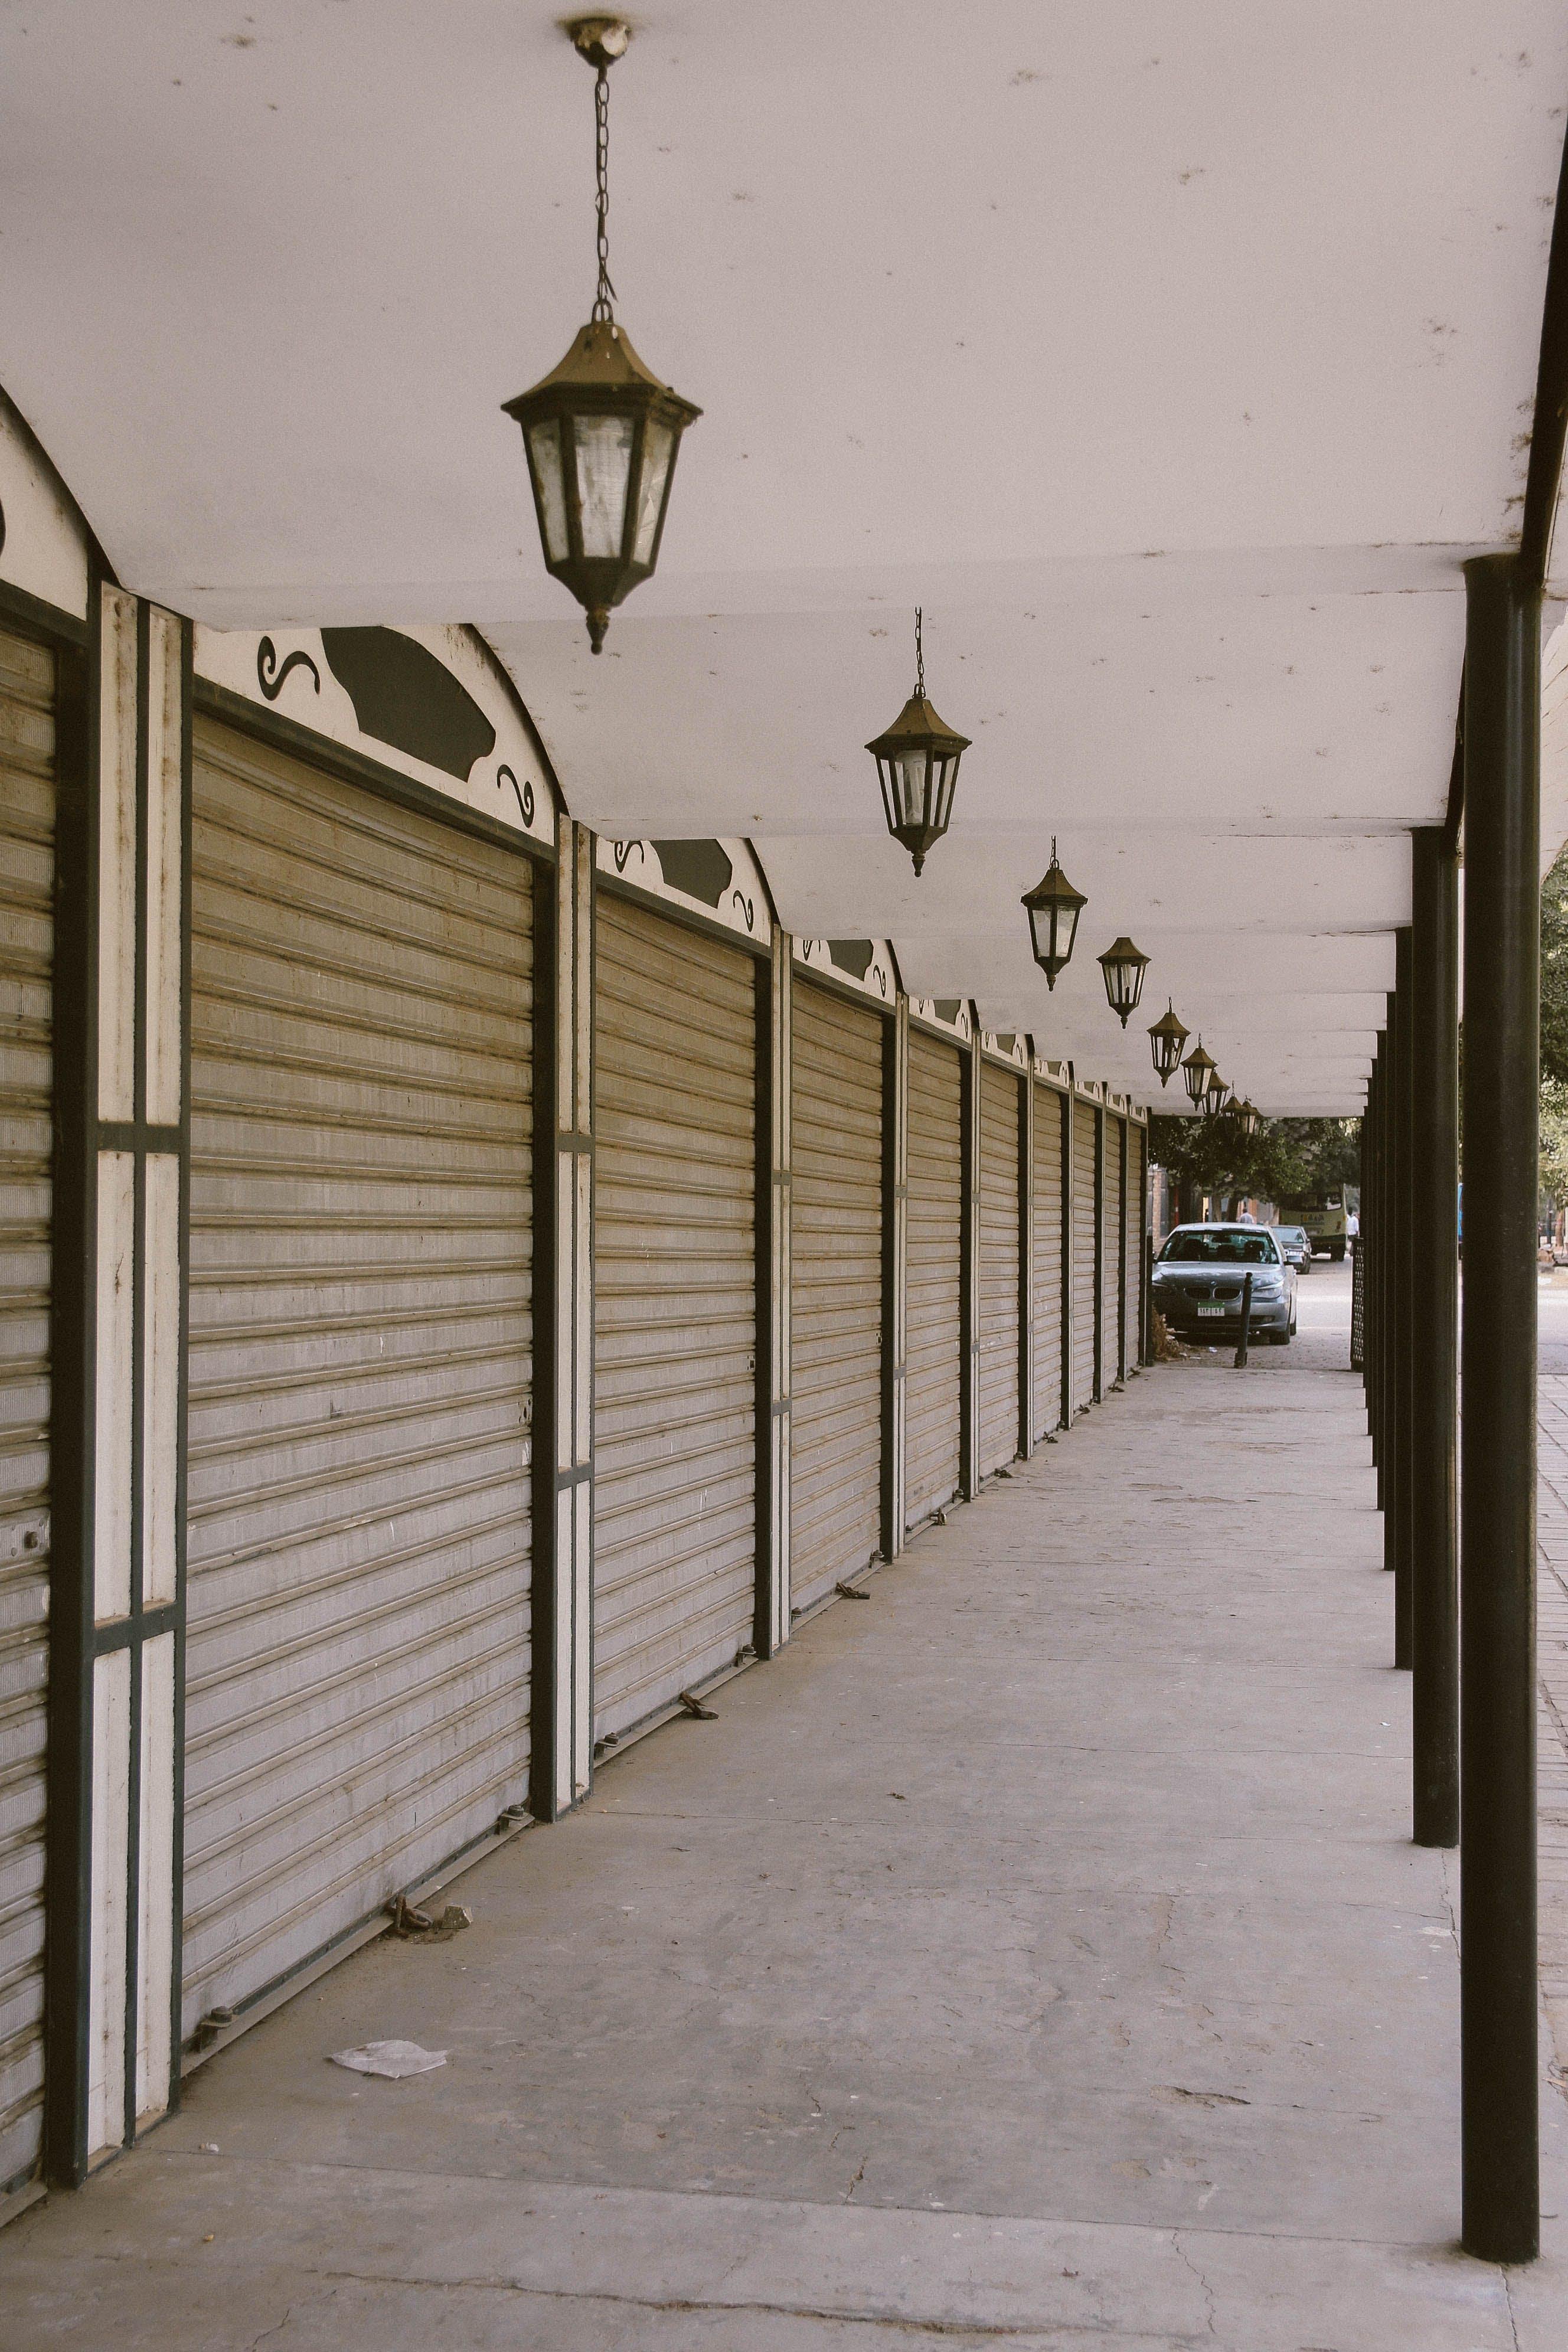 Kostenloses Stock Foto zu abgeschlossen, außen, auto, beleuchtung